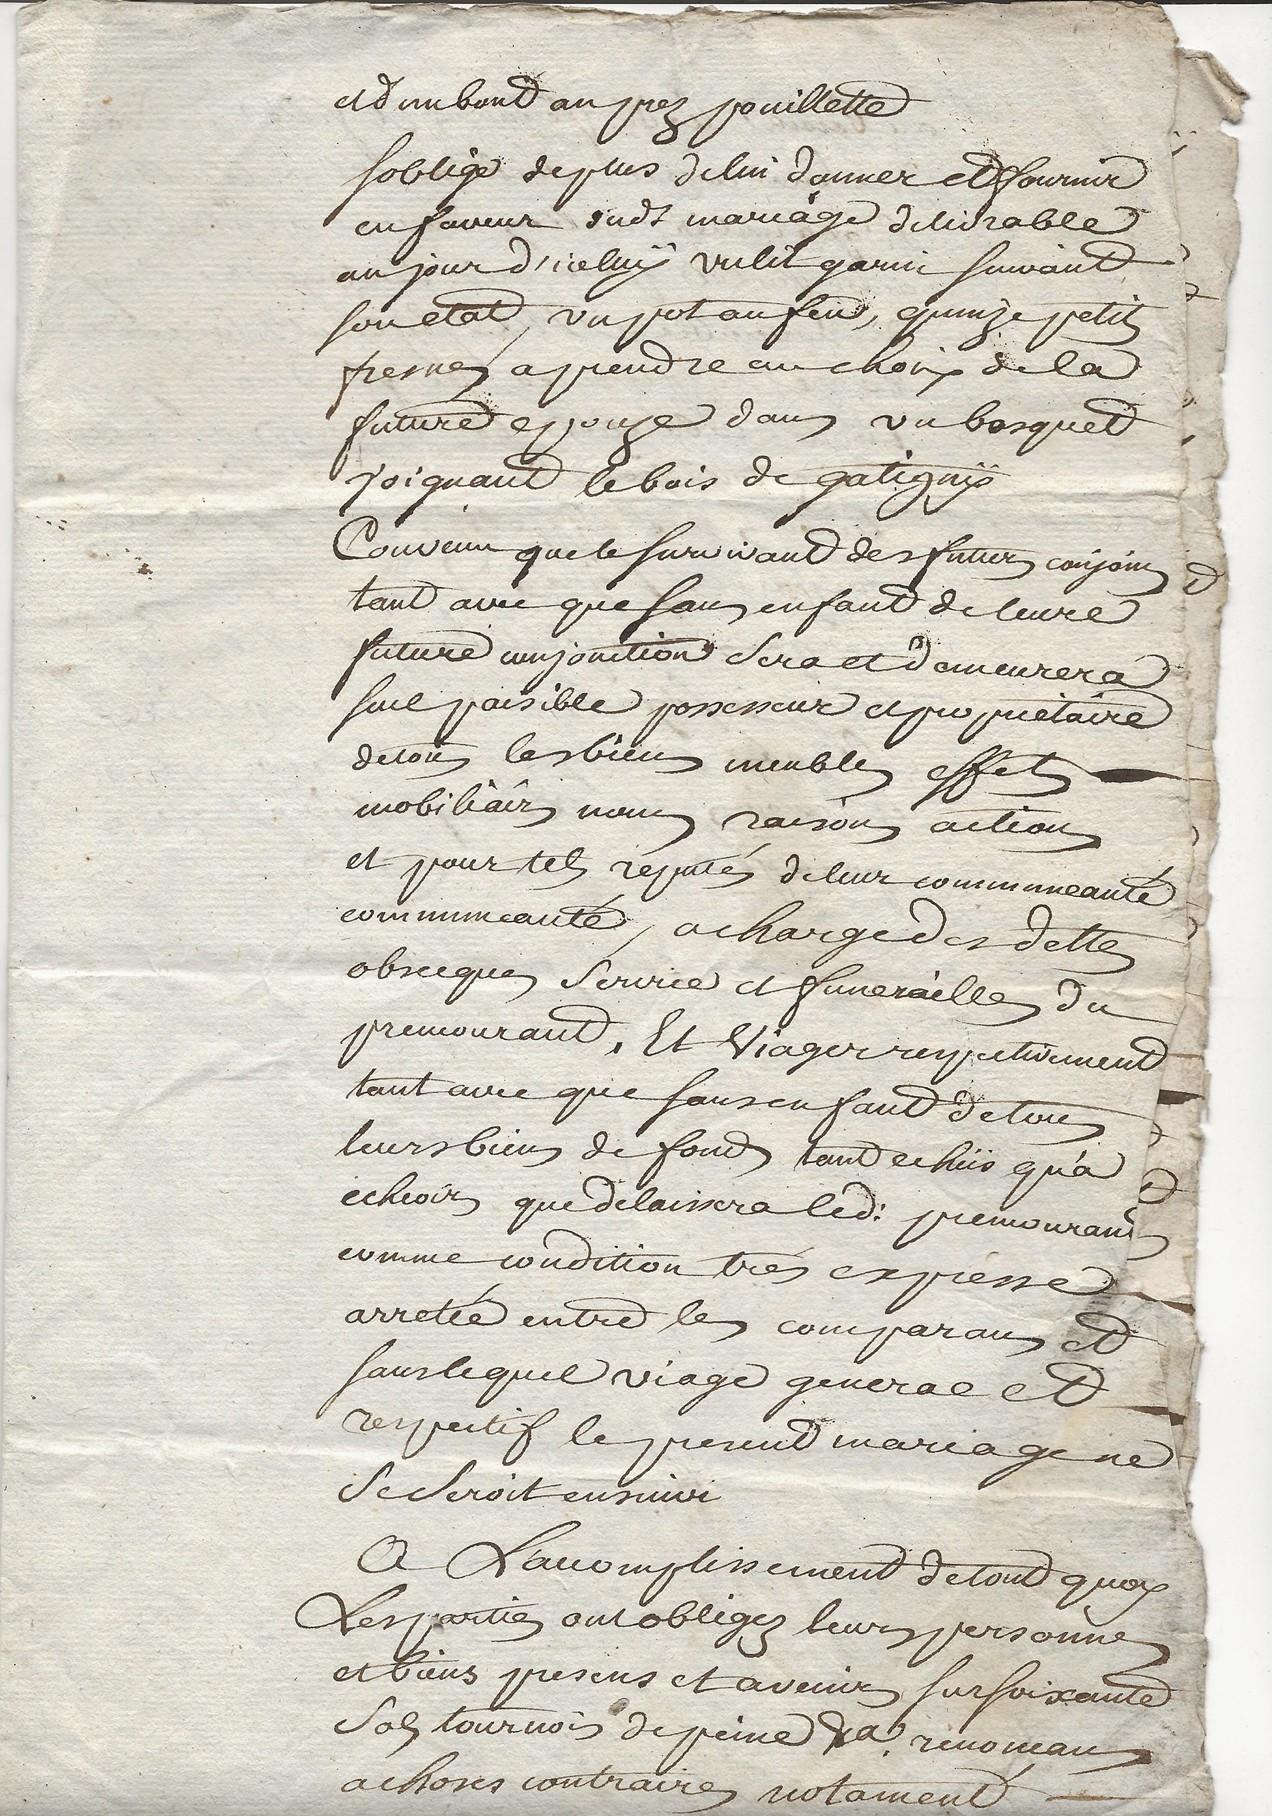 1772 acte partiel moriau jean guislain avec taine jeanne catherine 3